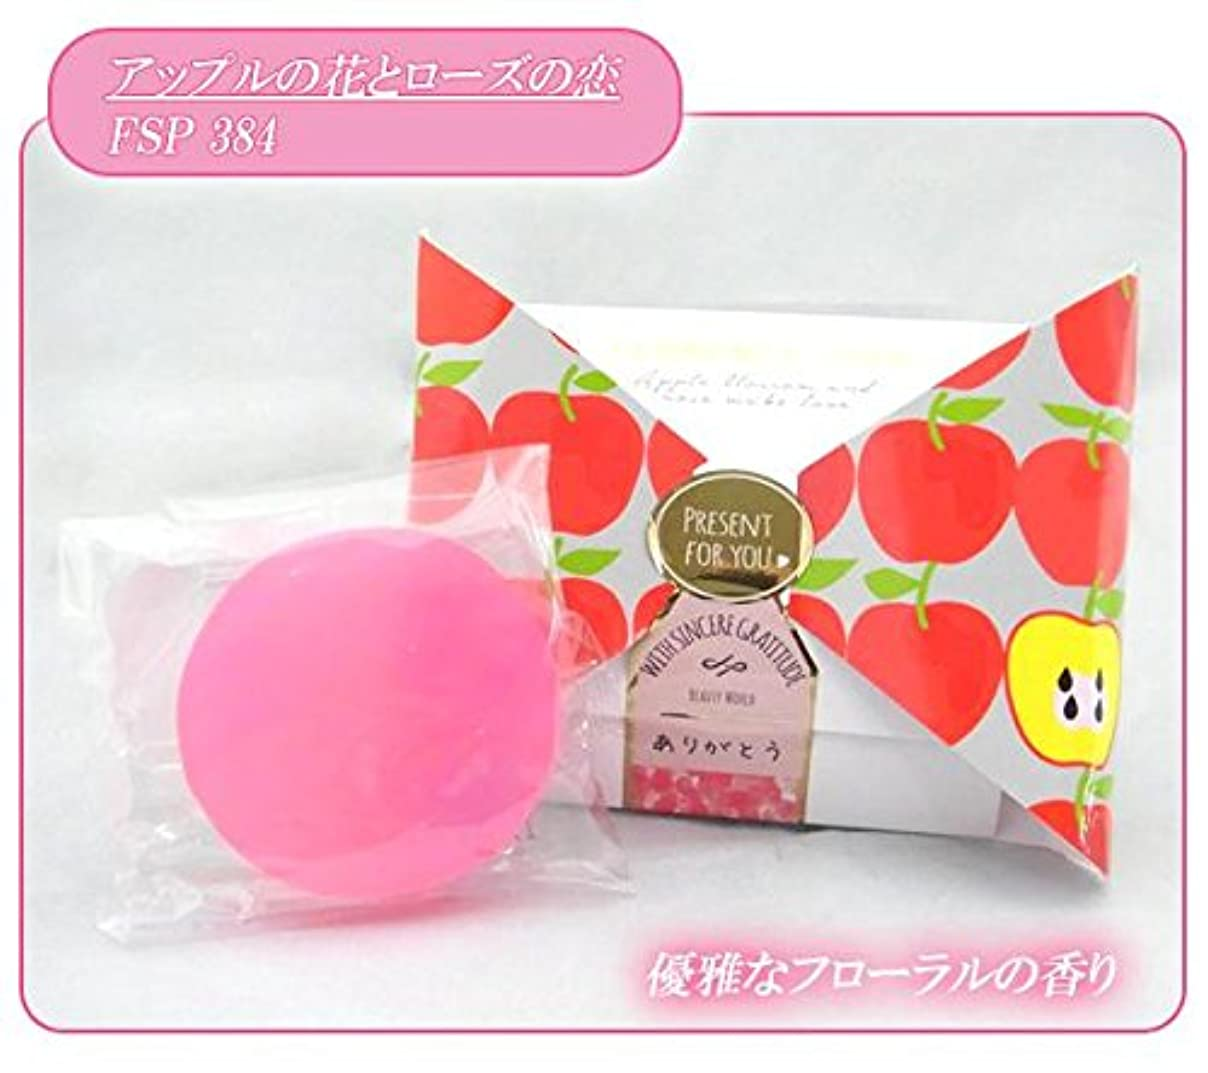 歌う羨望体ビューティーワールド BWフローレンスの香り石けん リボンパッケージ 6個セット アップルの花とローズの恋